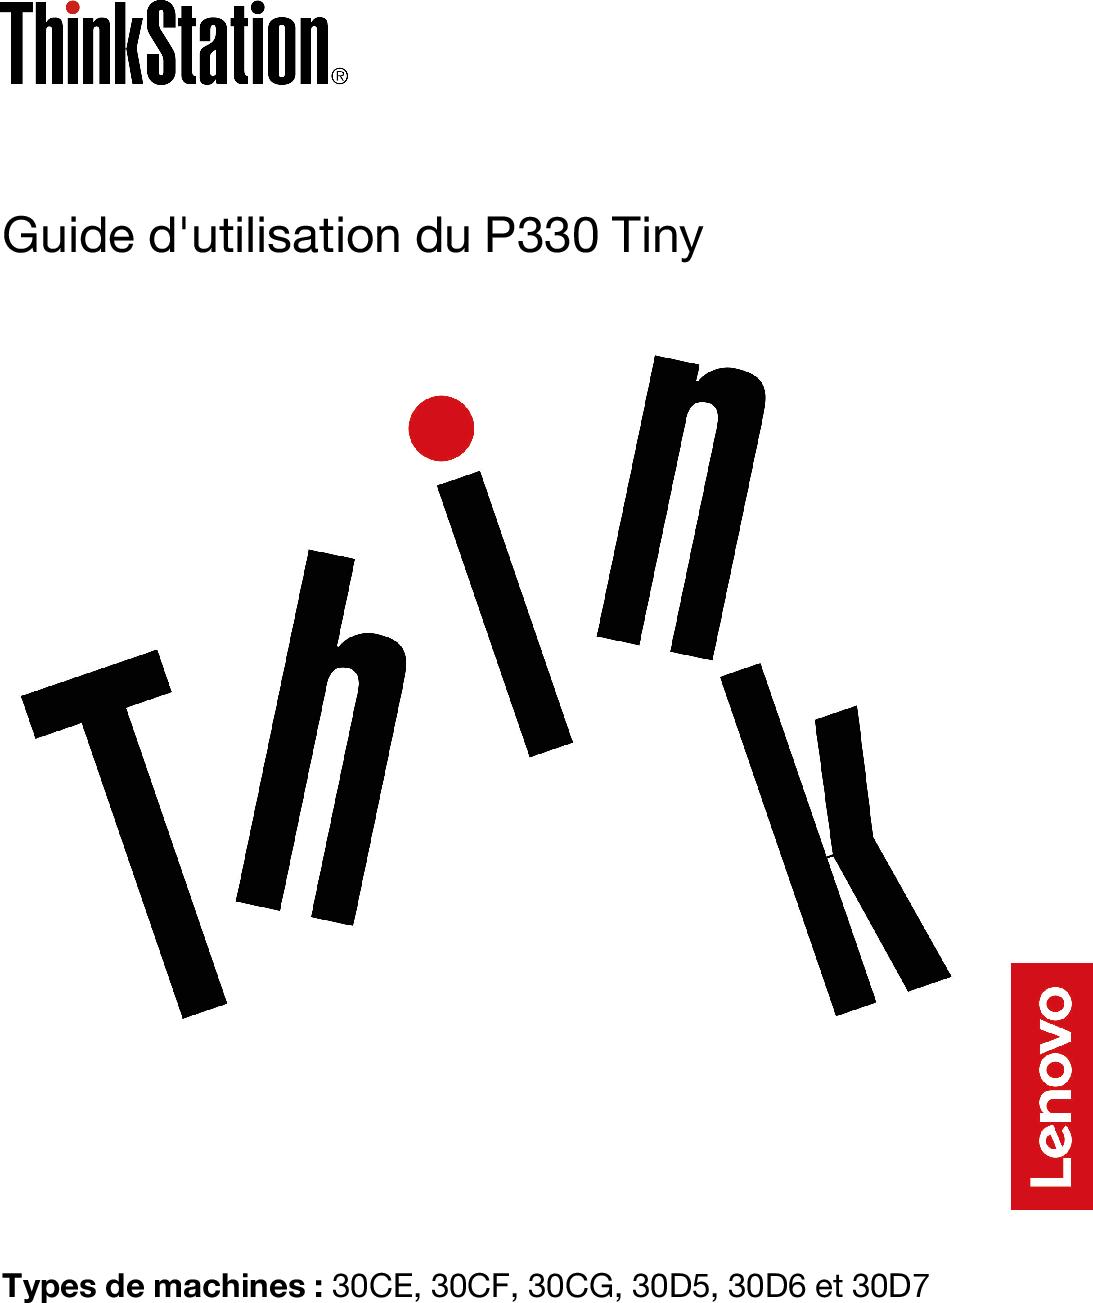 Lenovo Guide D'utilisation Du P330 Tiny (French) User